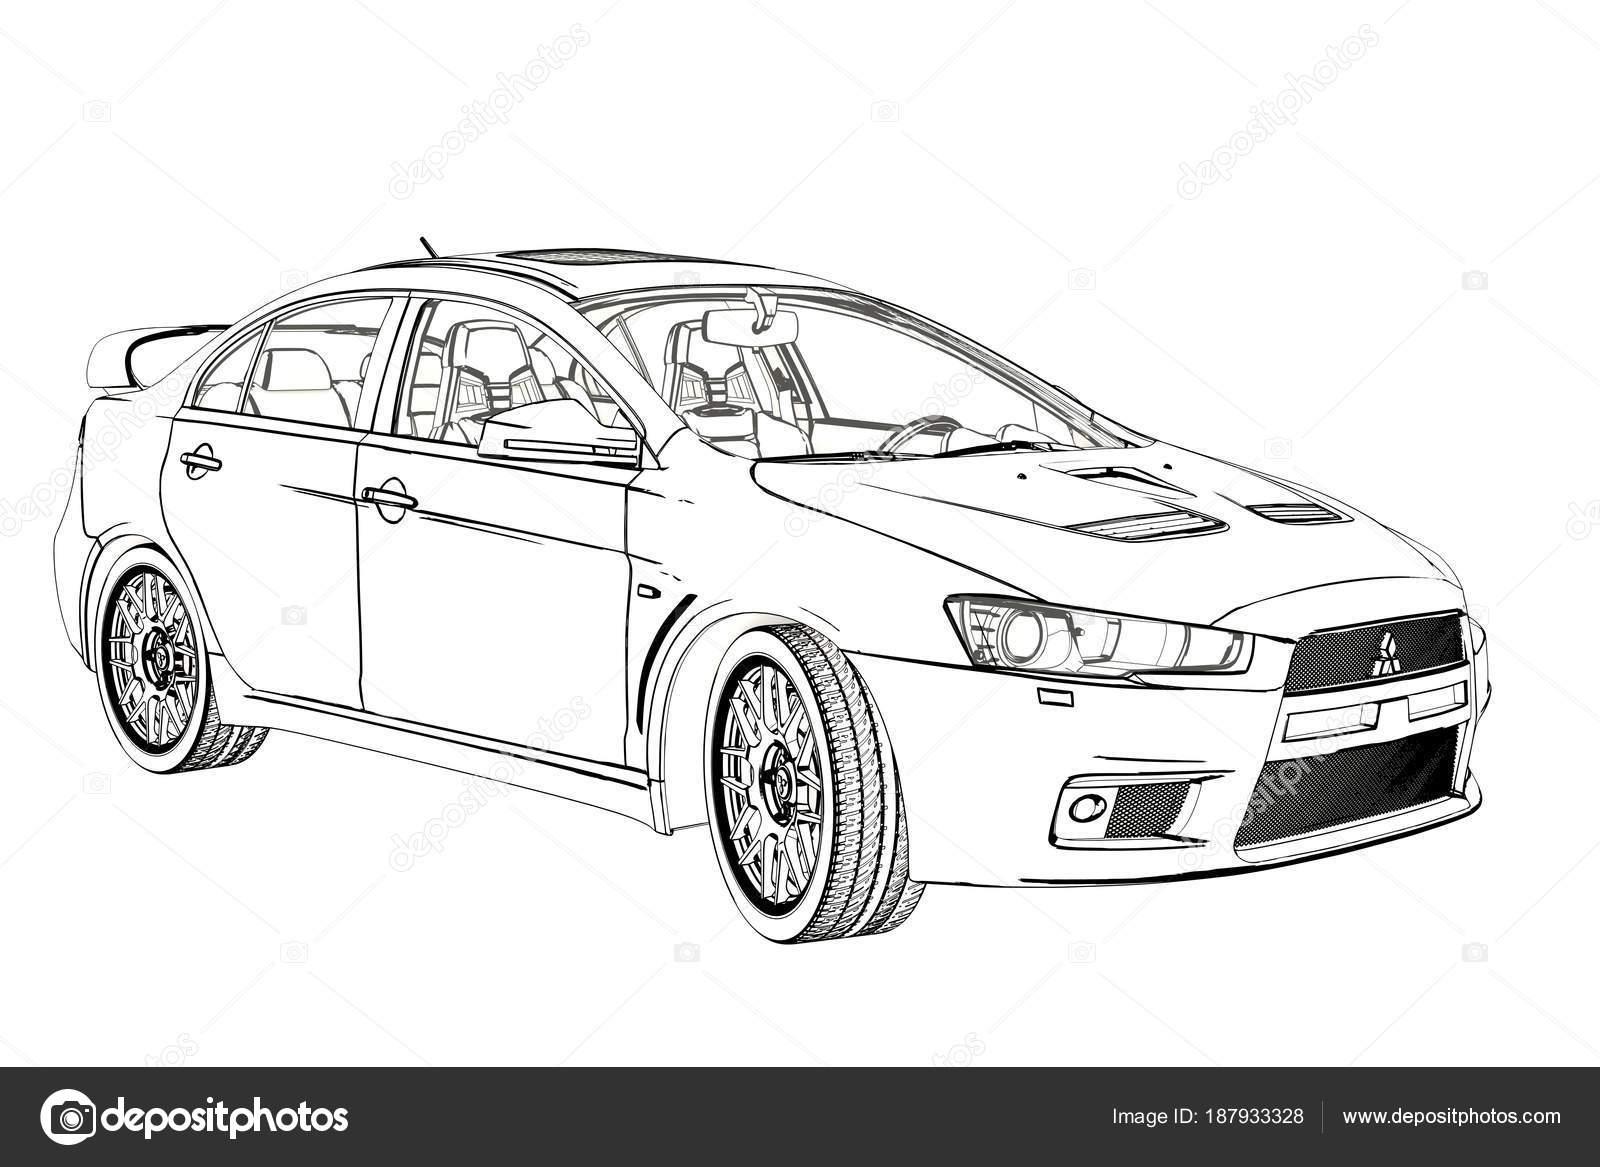 Náčrt aktivní zóny Mitsubishi Evolution X sedan. 3D